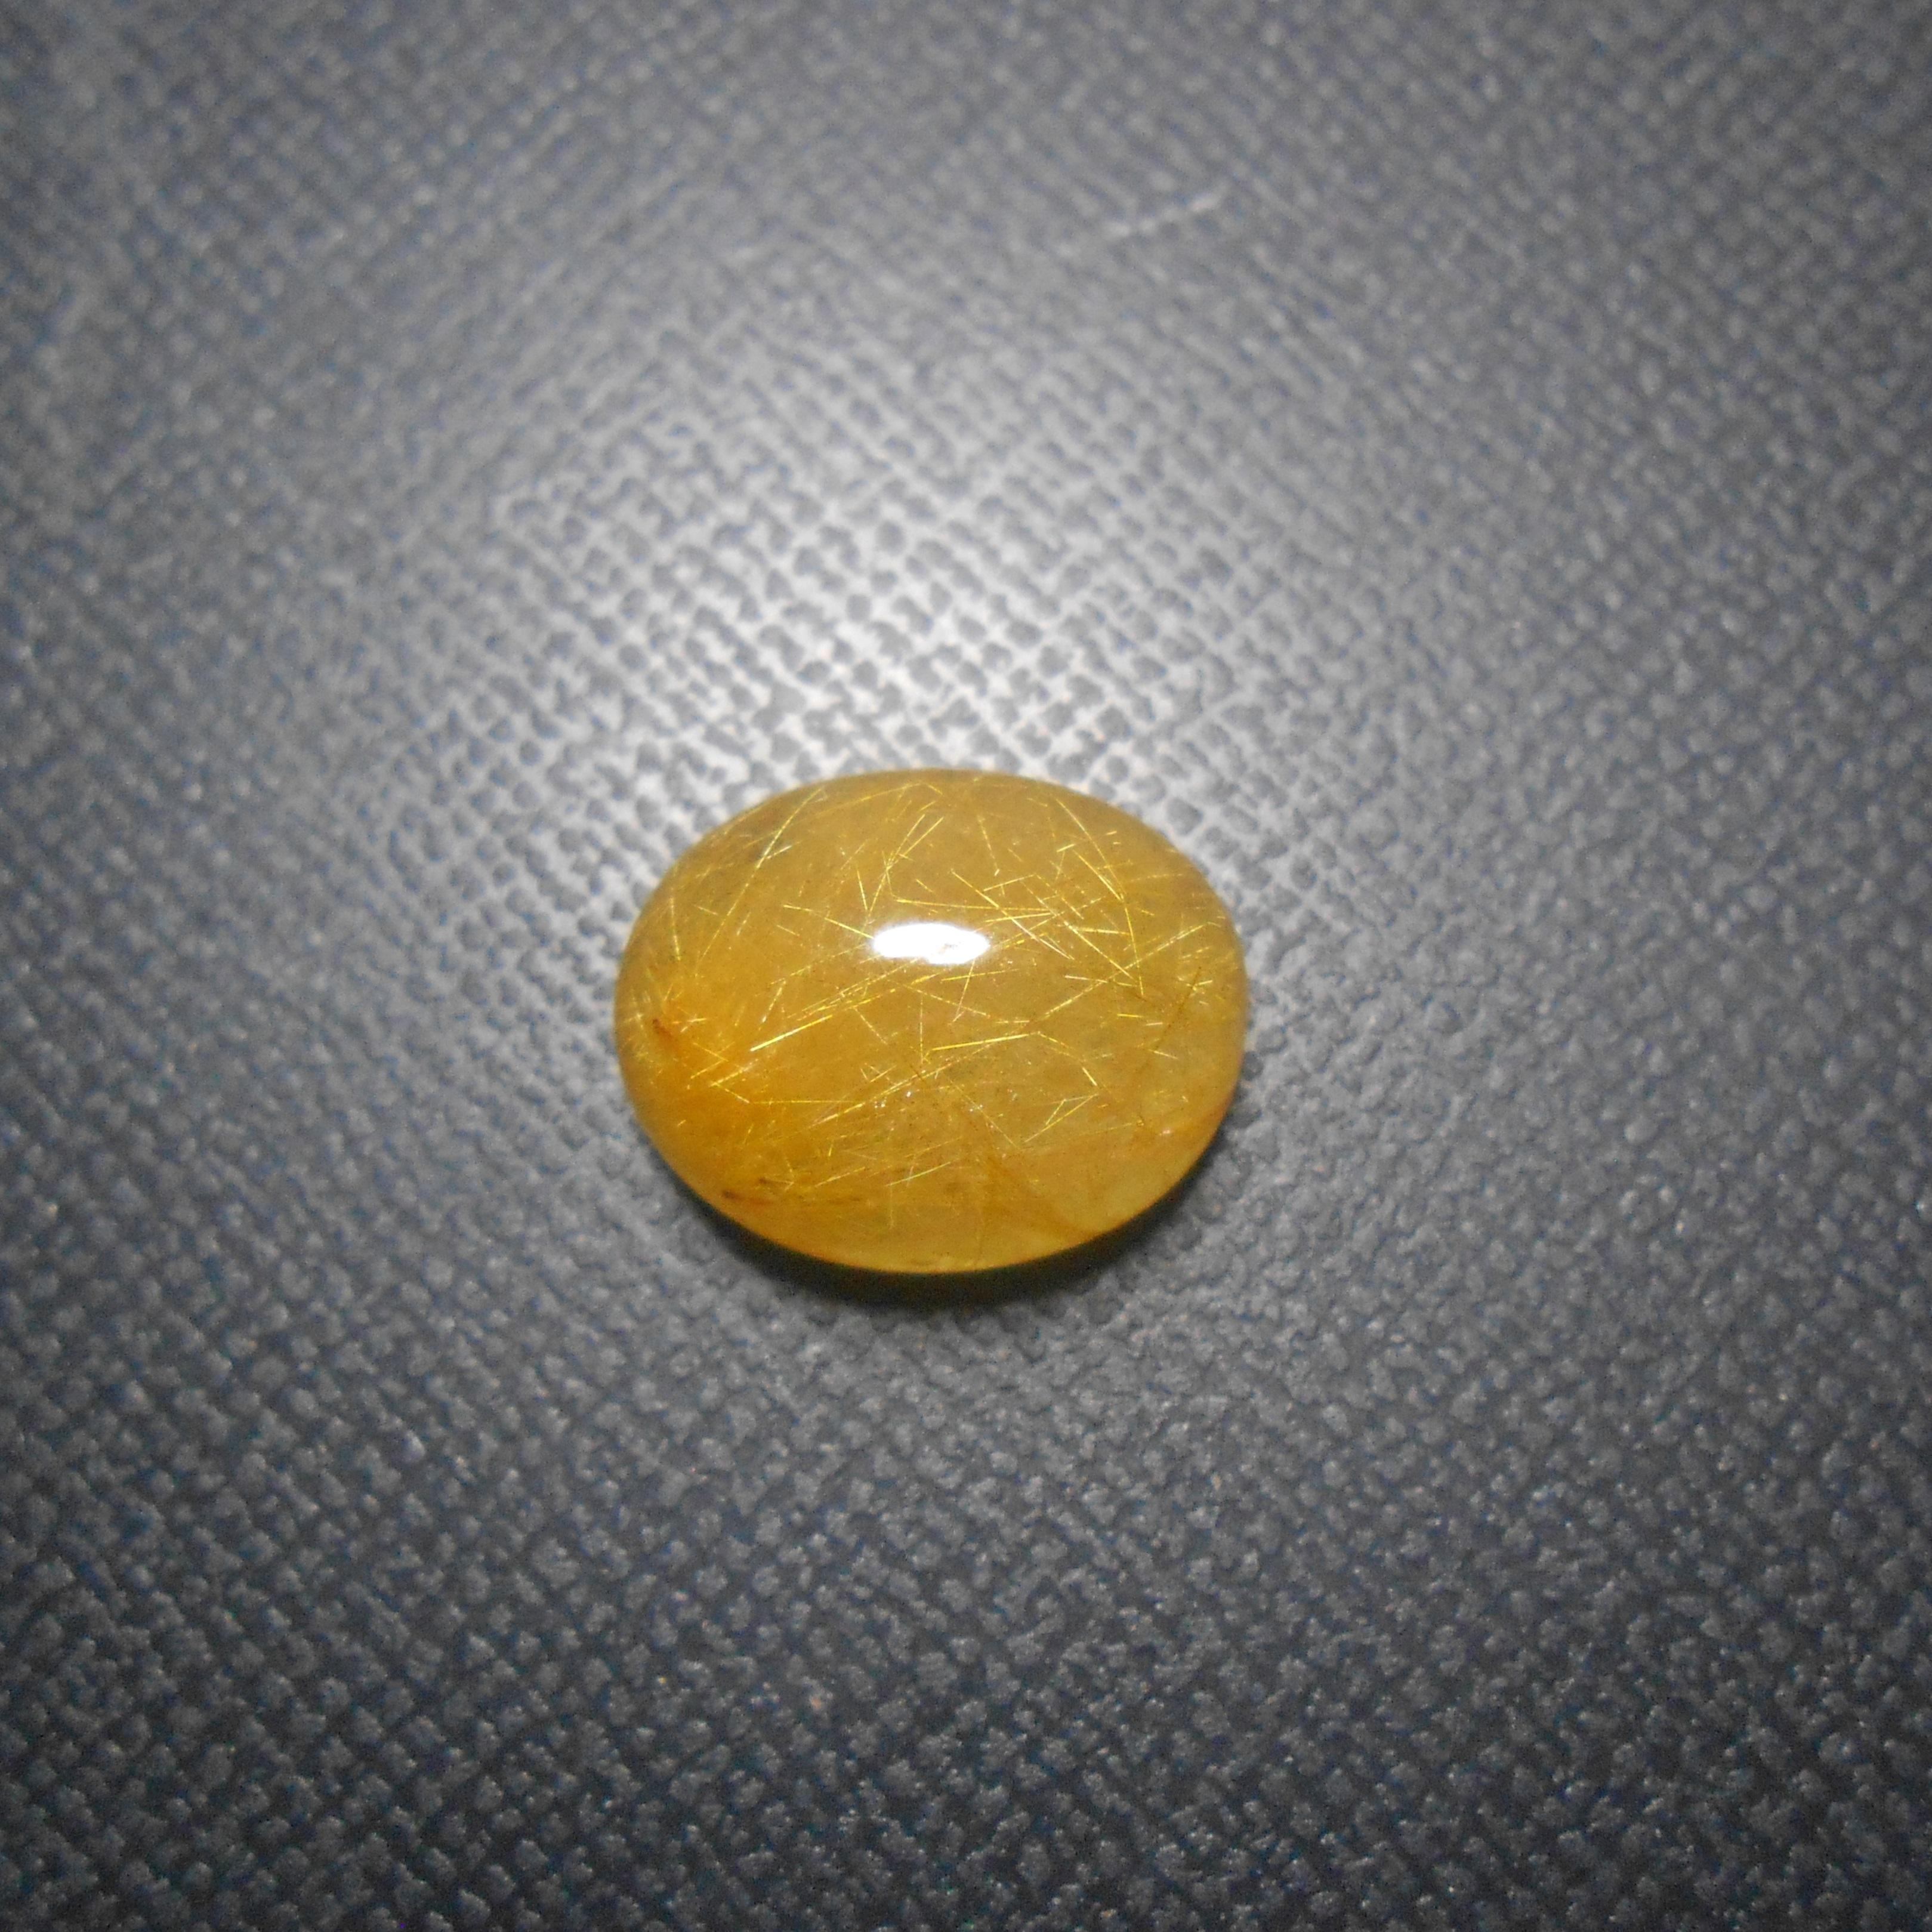 แก้วไหมทอง เส้นสวย ขนาด 1.6x 1.3 mm